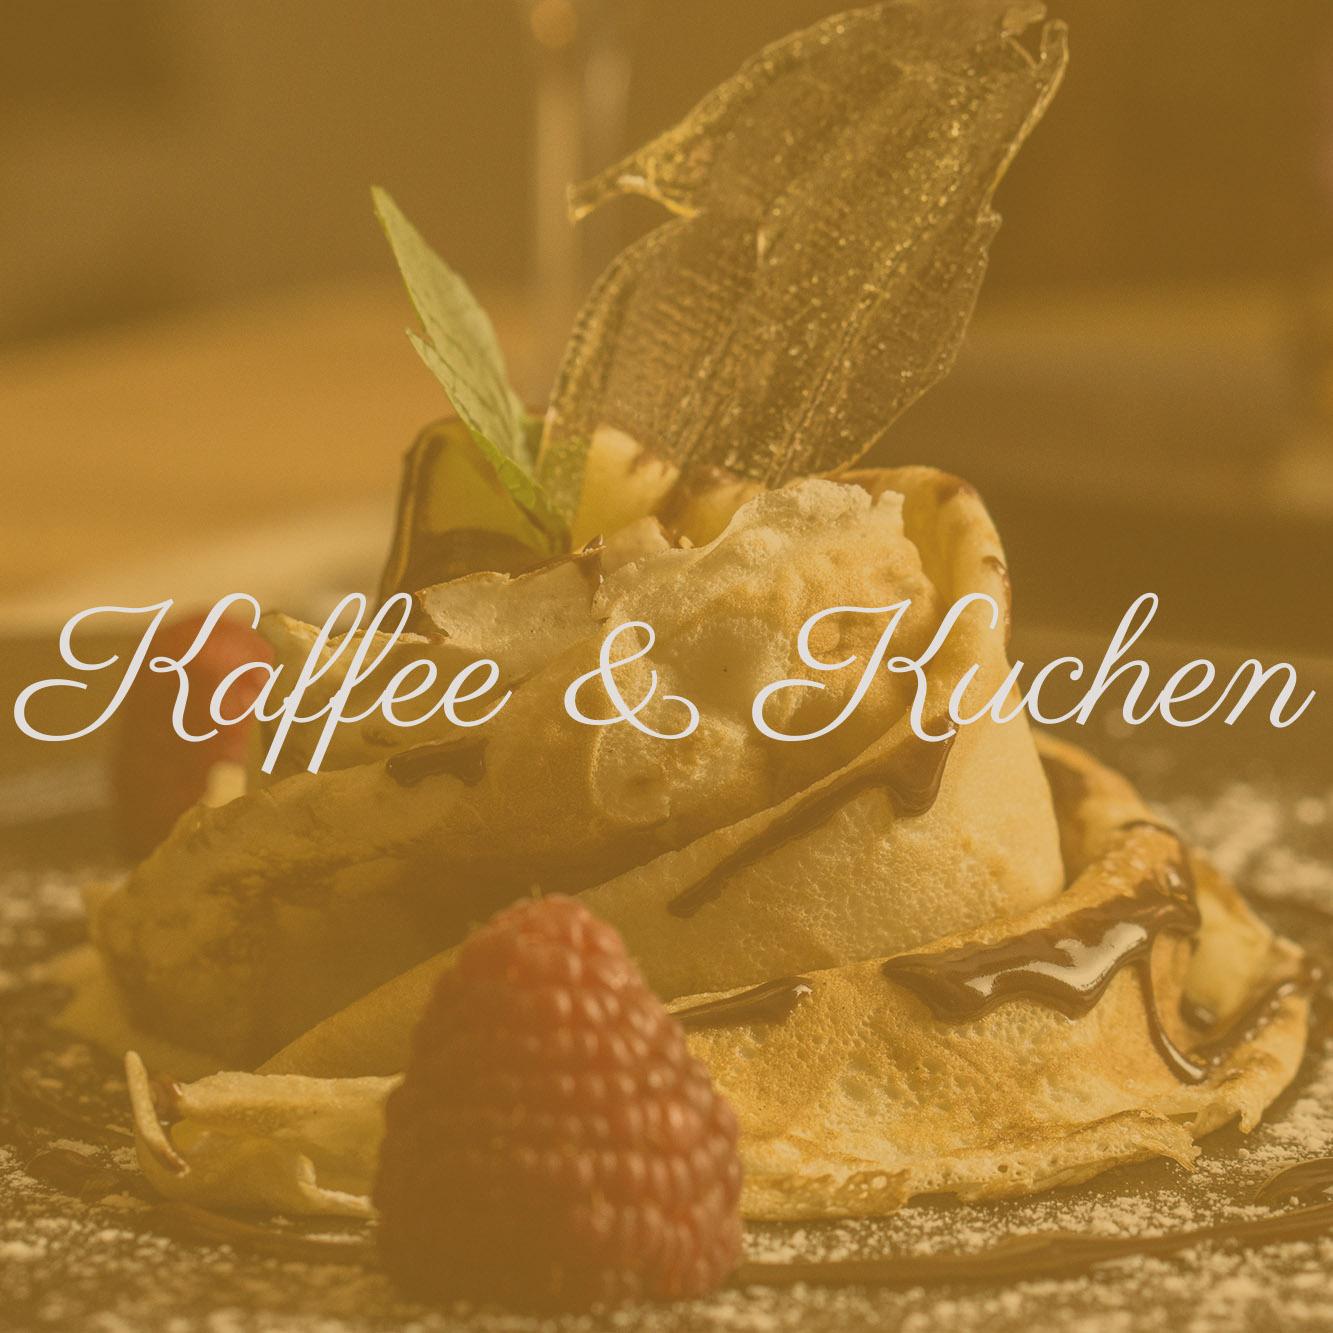 kaffee und kuchen restaurant aachen